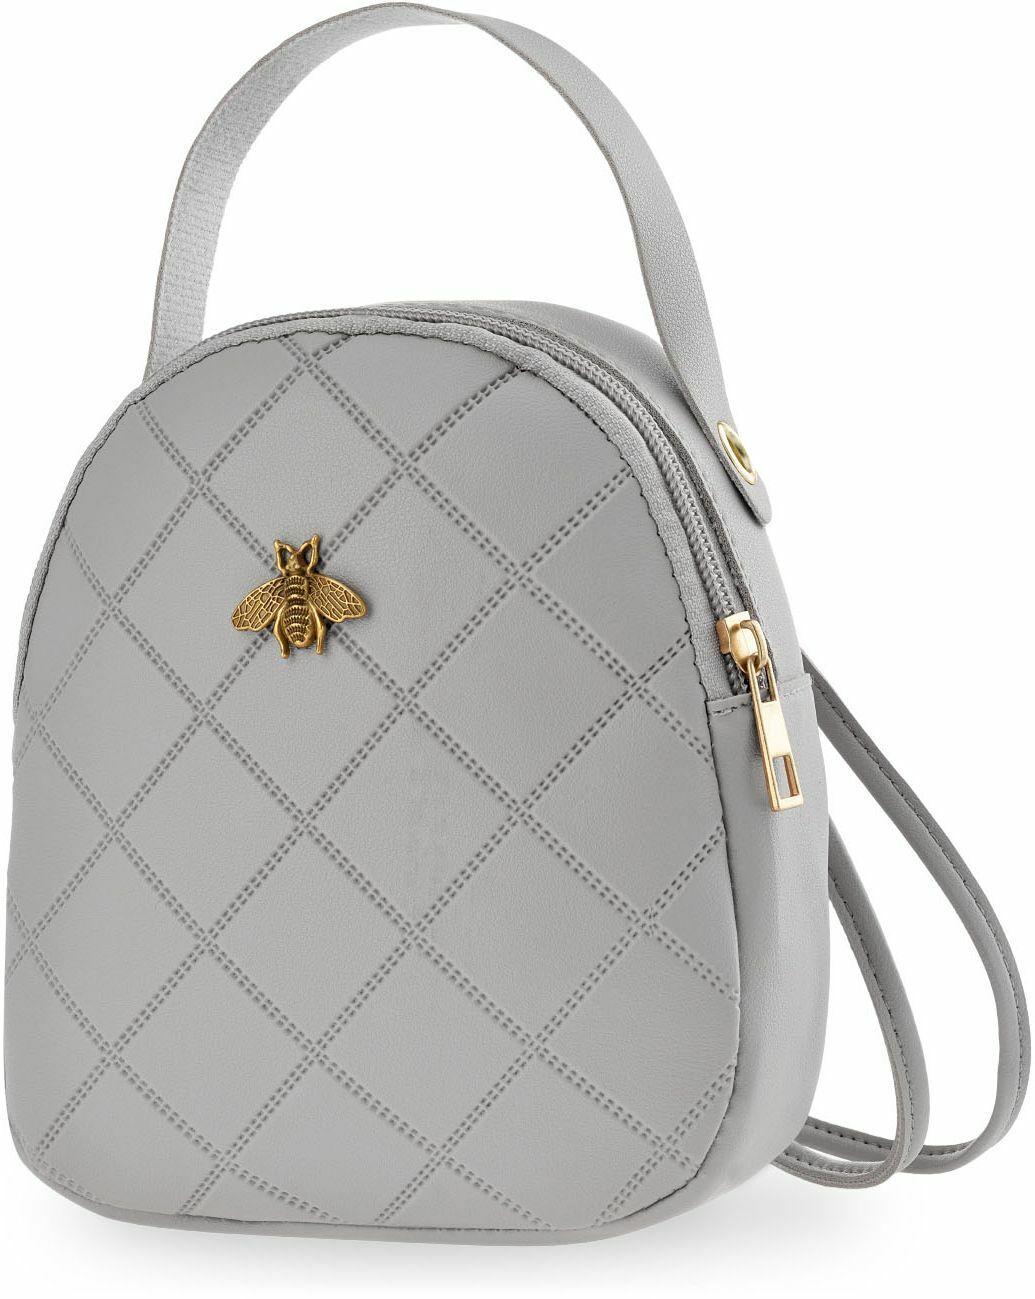 kleiner Rucksack gesteppte Damentasche Rucksackhandtasche grau